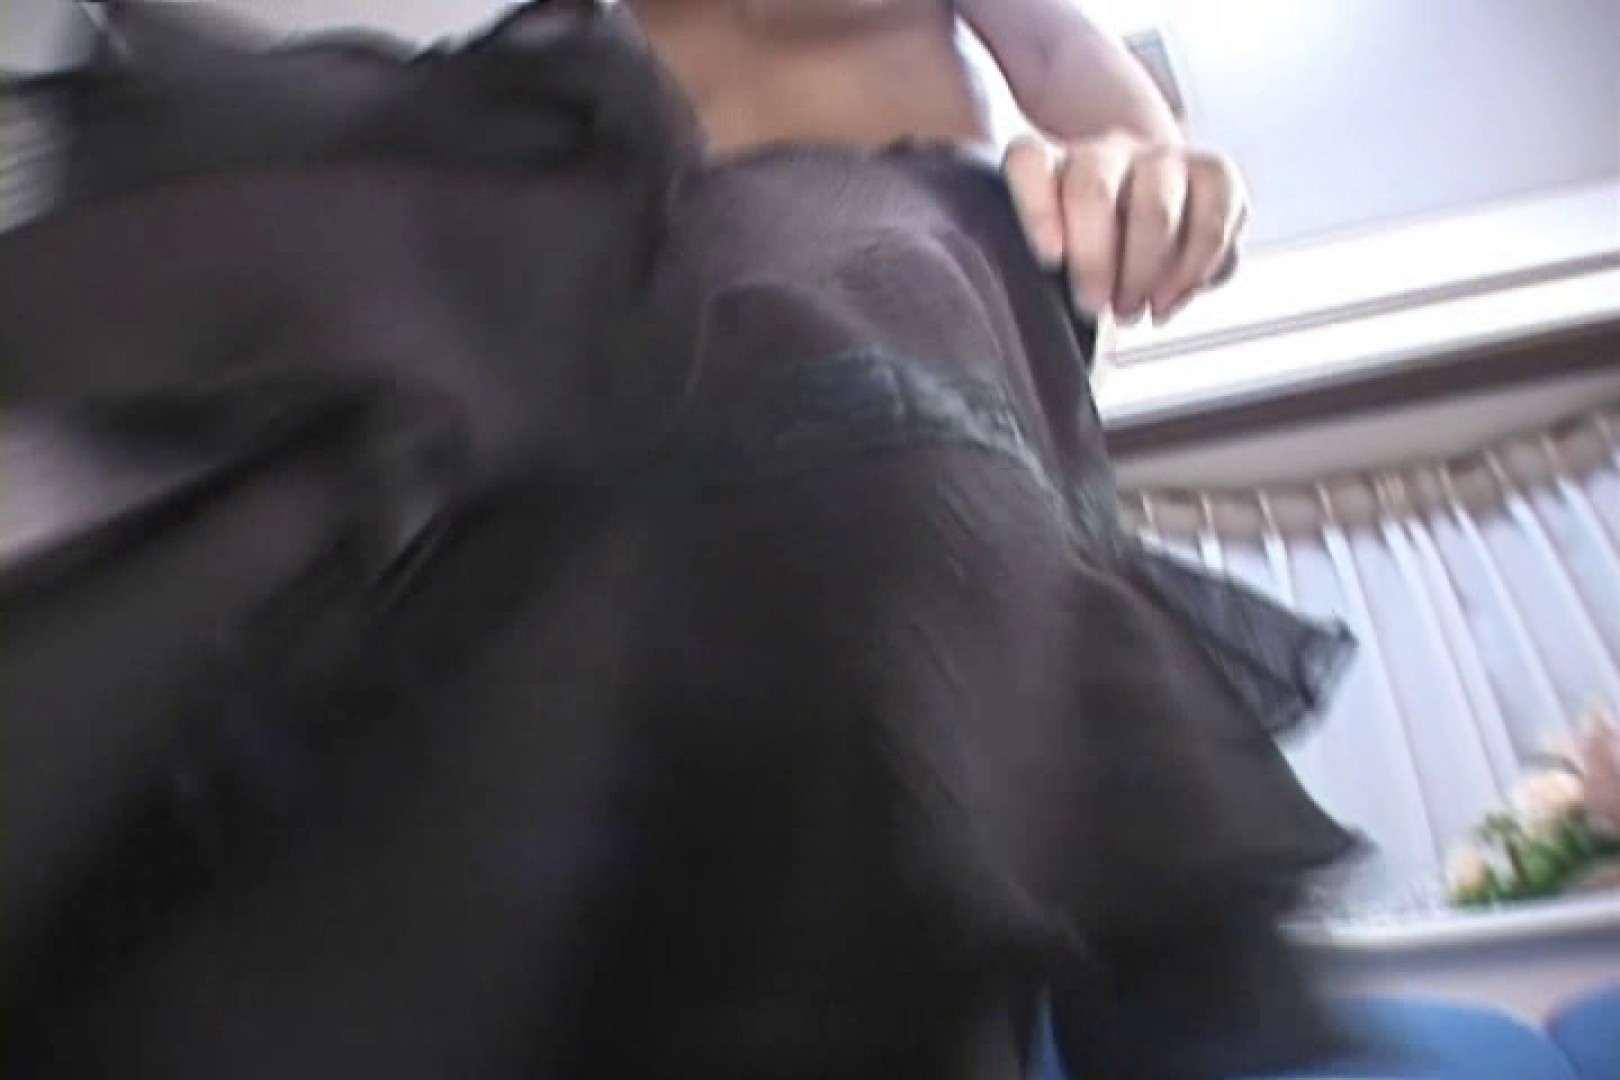 初めての撮影、涙の後には・・・~佳山玲子~ ローター 覗きおまんこ画像 109PIX 104